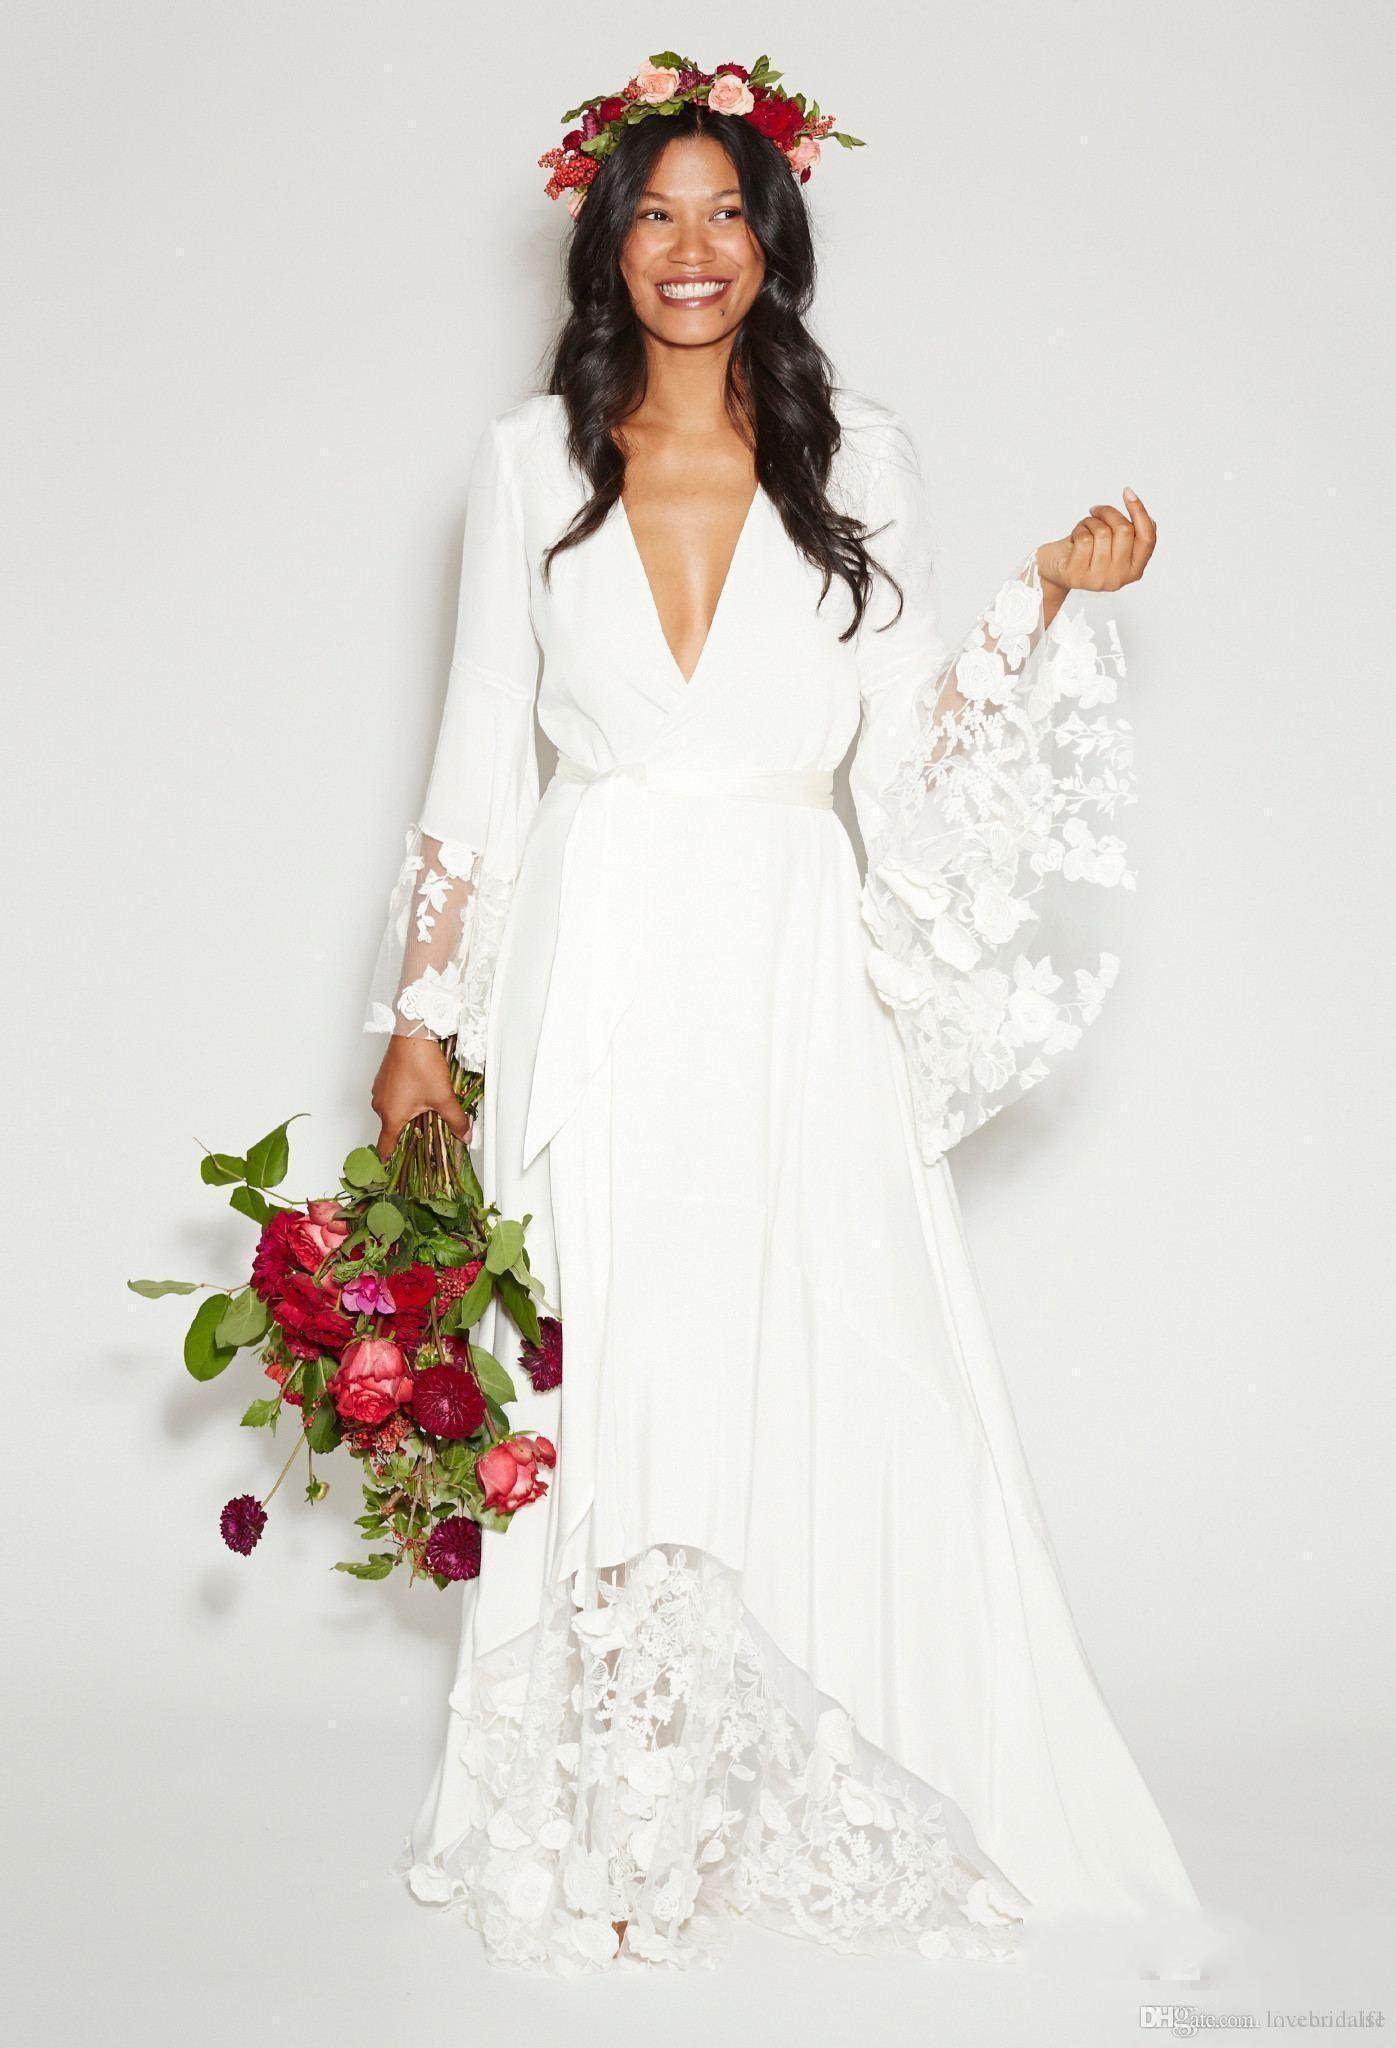 Modeste Boho Beach Robes De Mariée Longues Manches Cloche Une ligne SexyVneck Dentelle Fleur Robes De Mariée Plus La Taille sur mesure